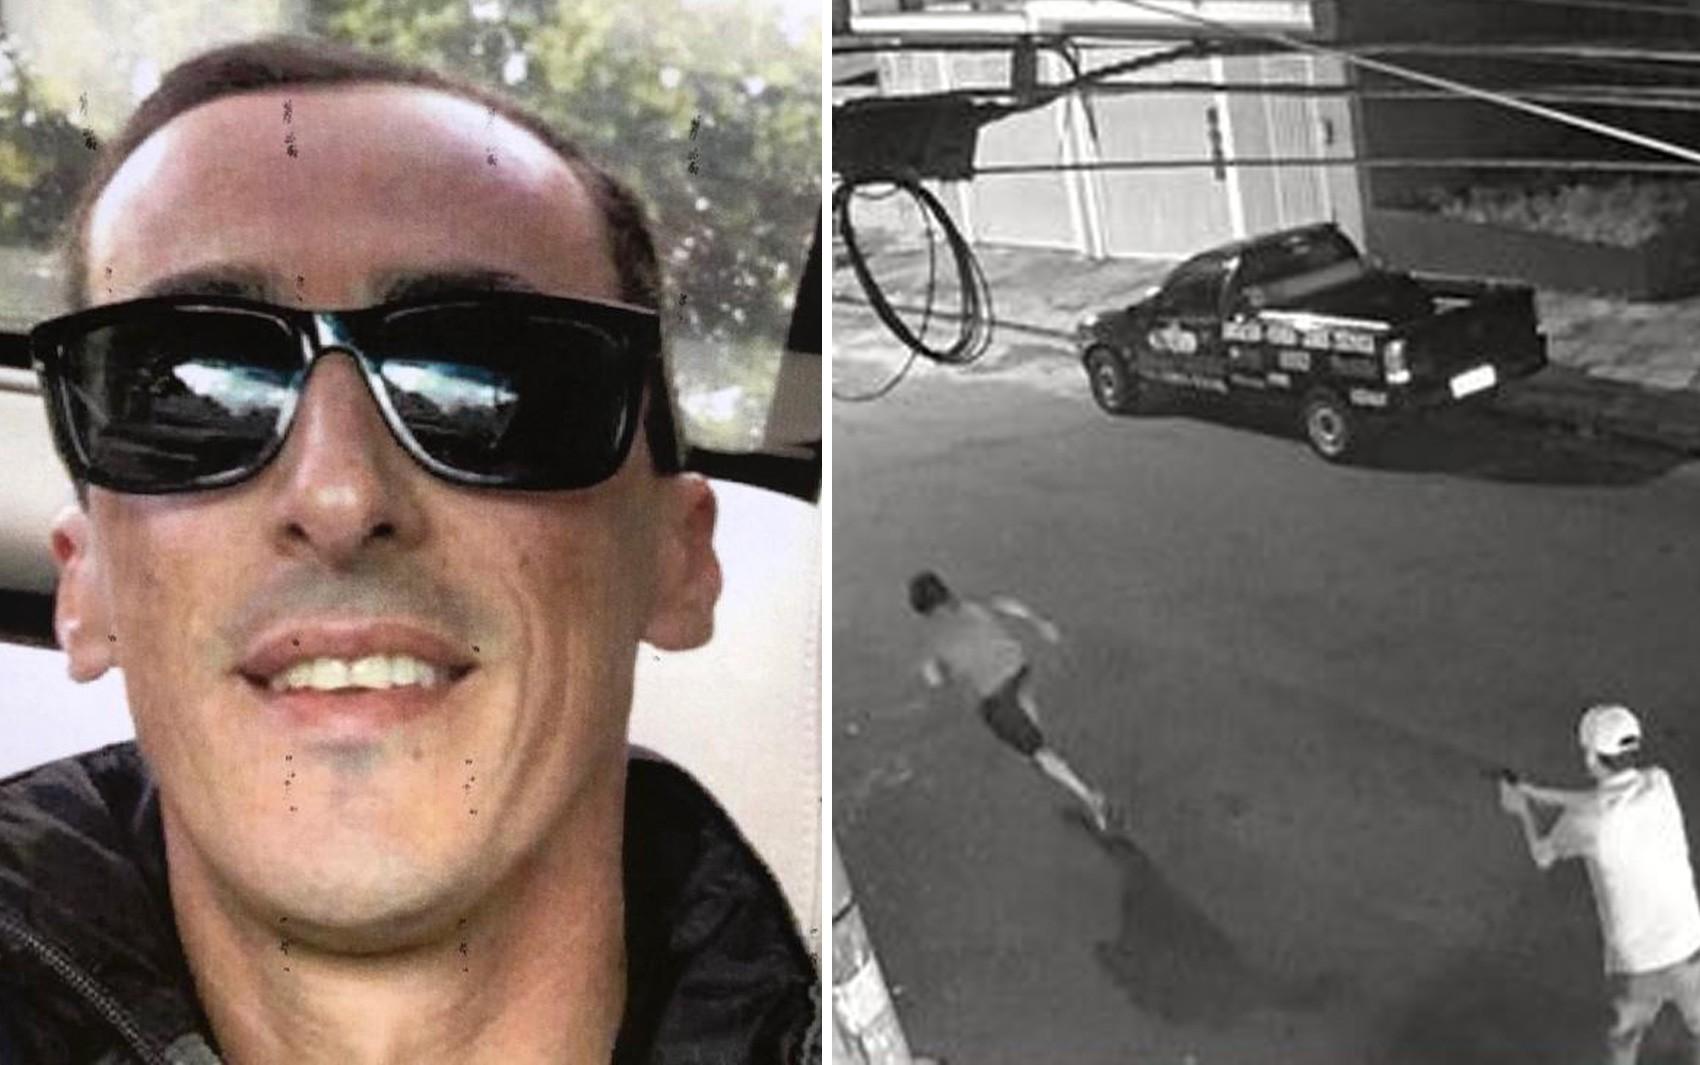 Empresário suspeito de matar morador de rua em SP também é procurado em Santa Catarina - Noticias